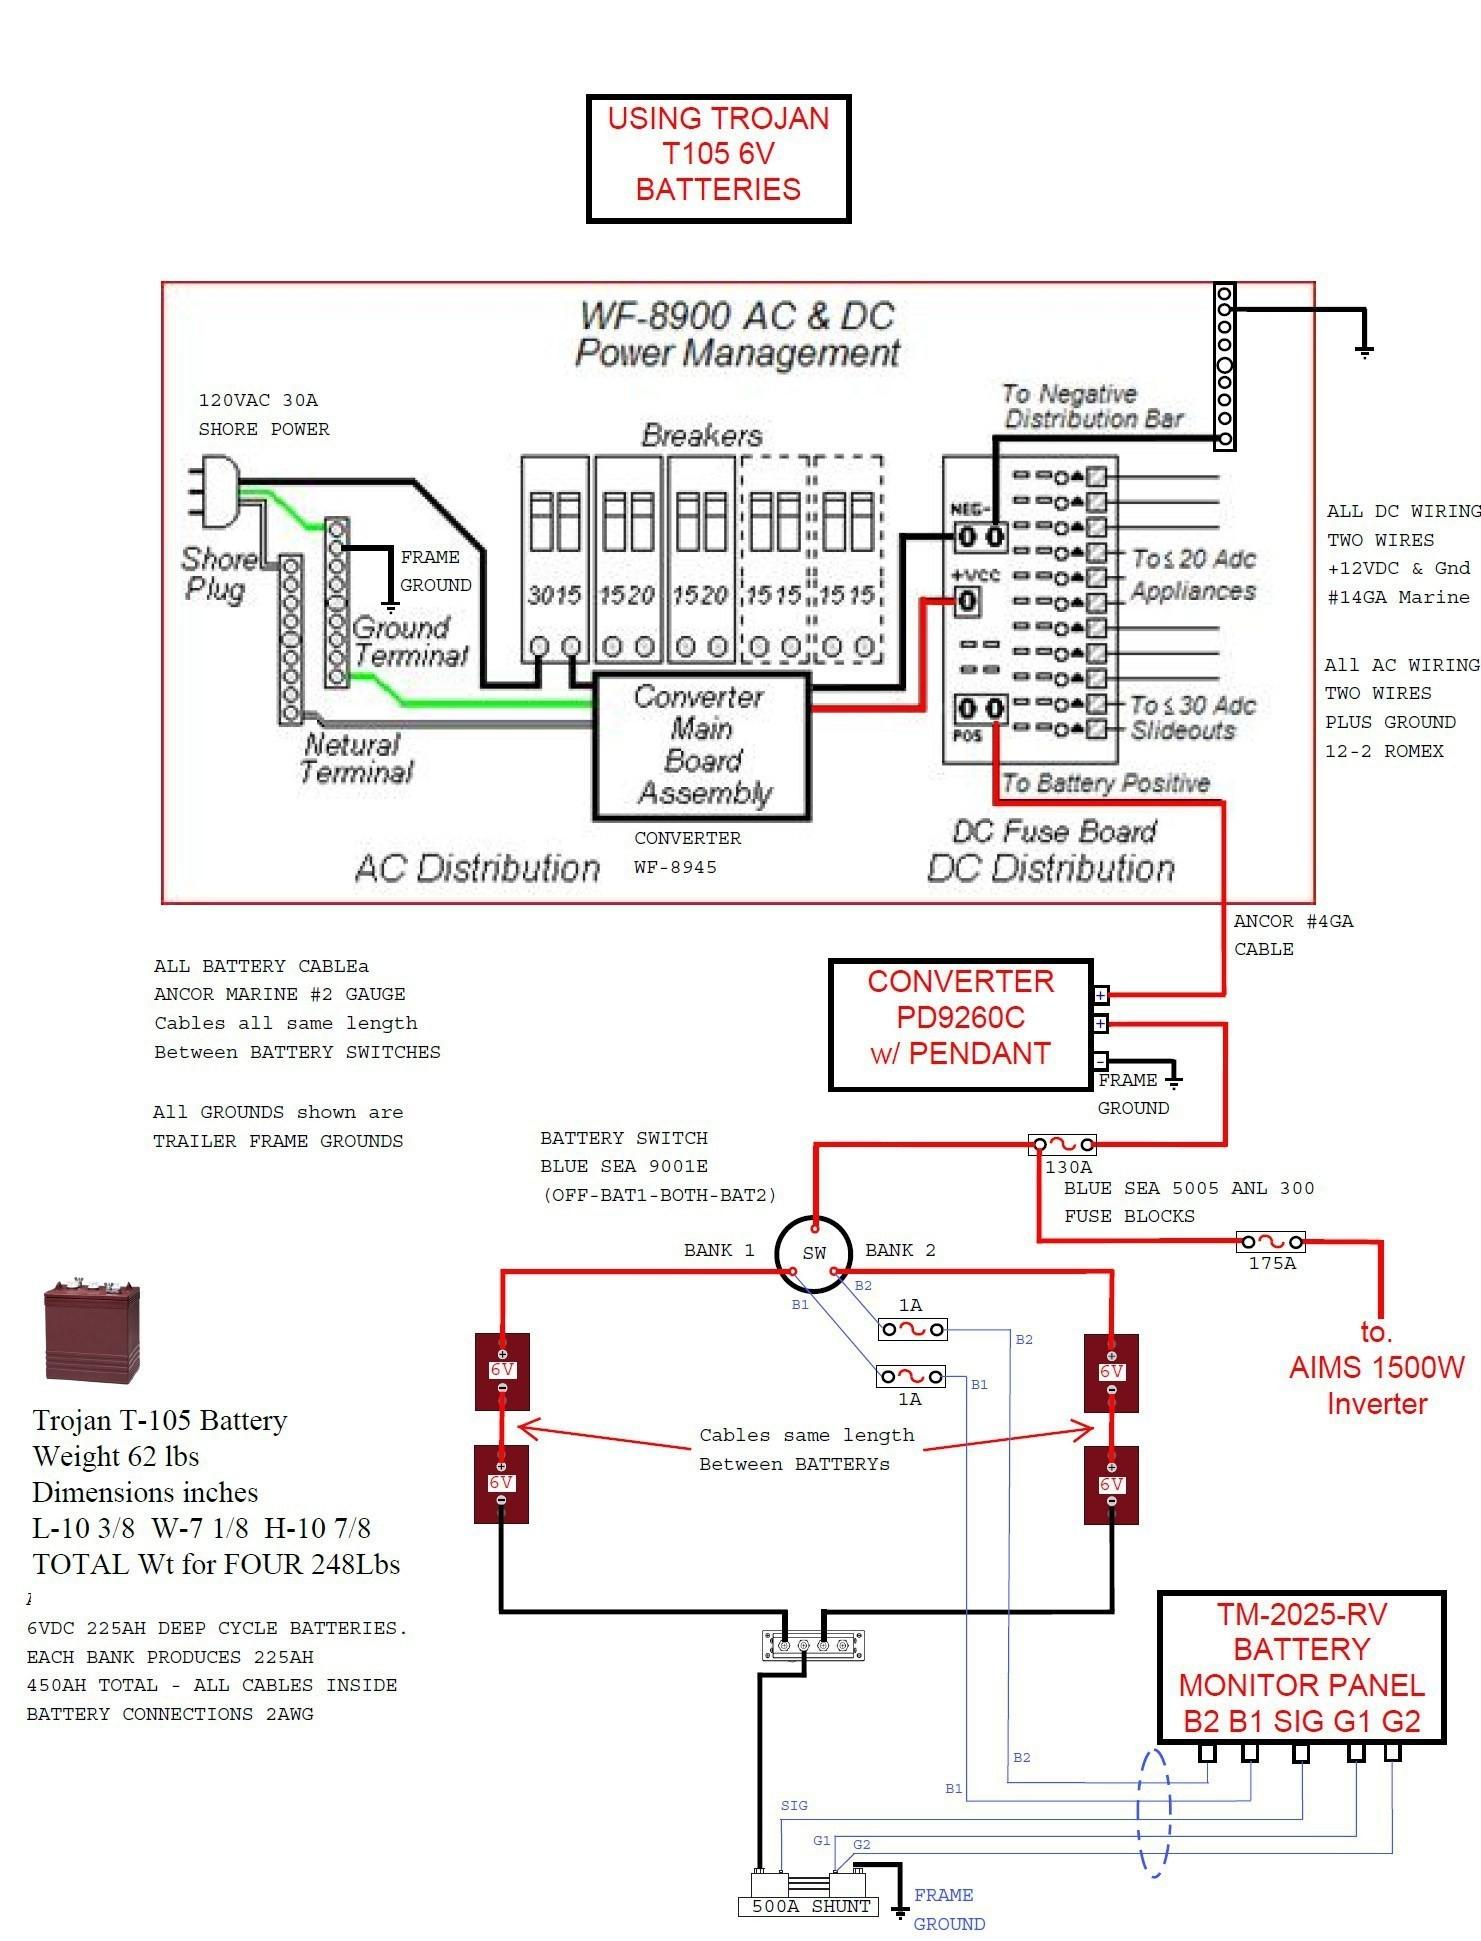 rv monitor panel wiring diagram wiring diagram rulesrv monitor panel wiring diagram wiring diagram sys kib